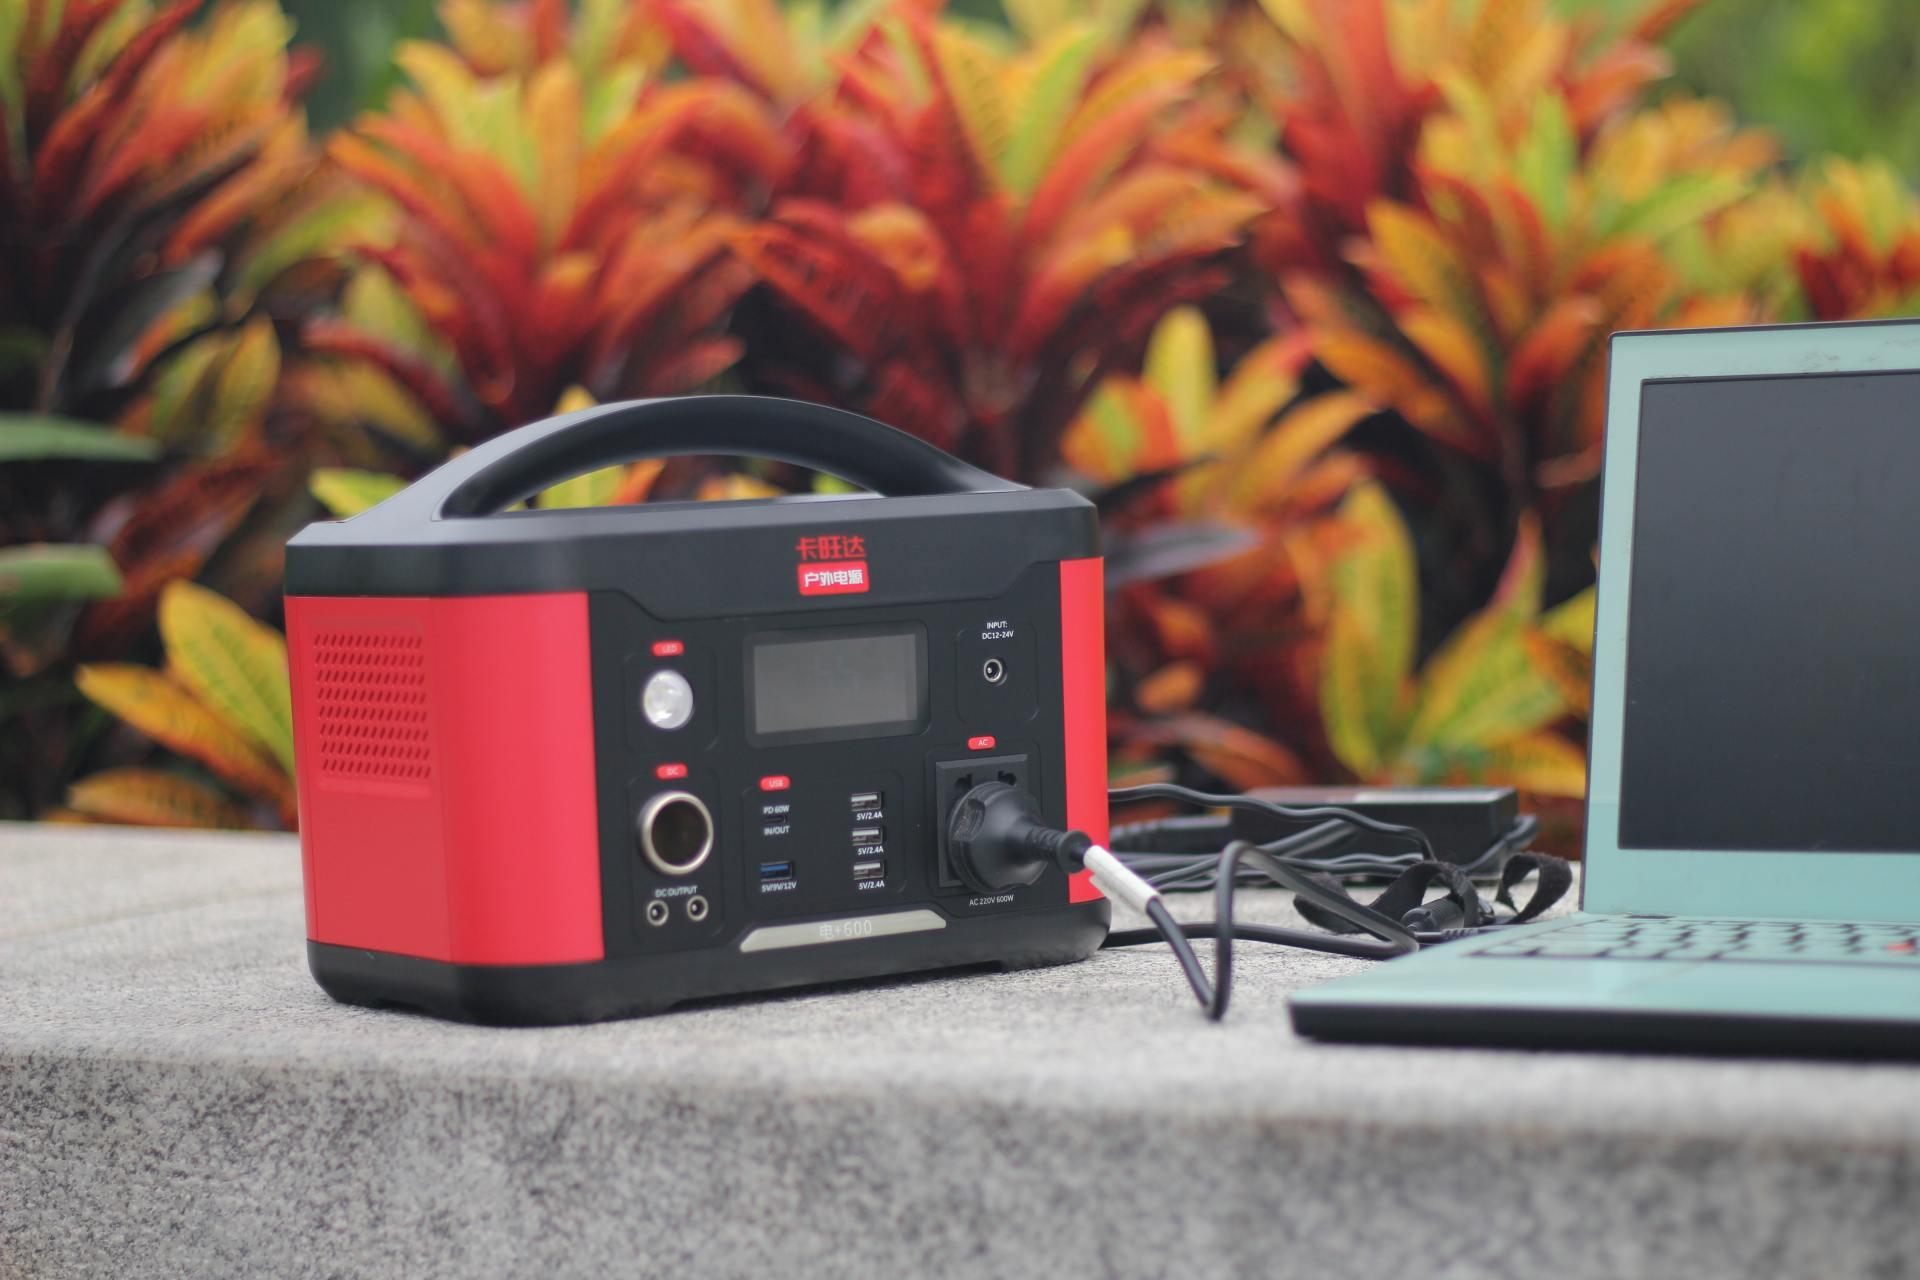 户外直播 野外派露营好伴侣,卡旺达微型小电站上手